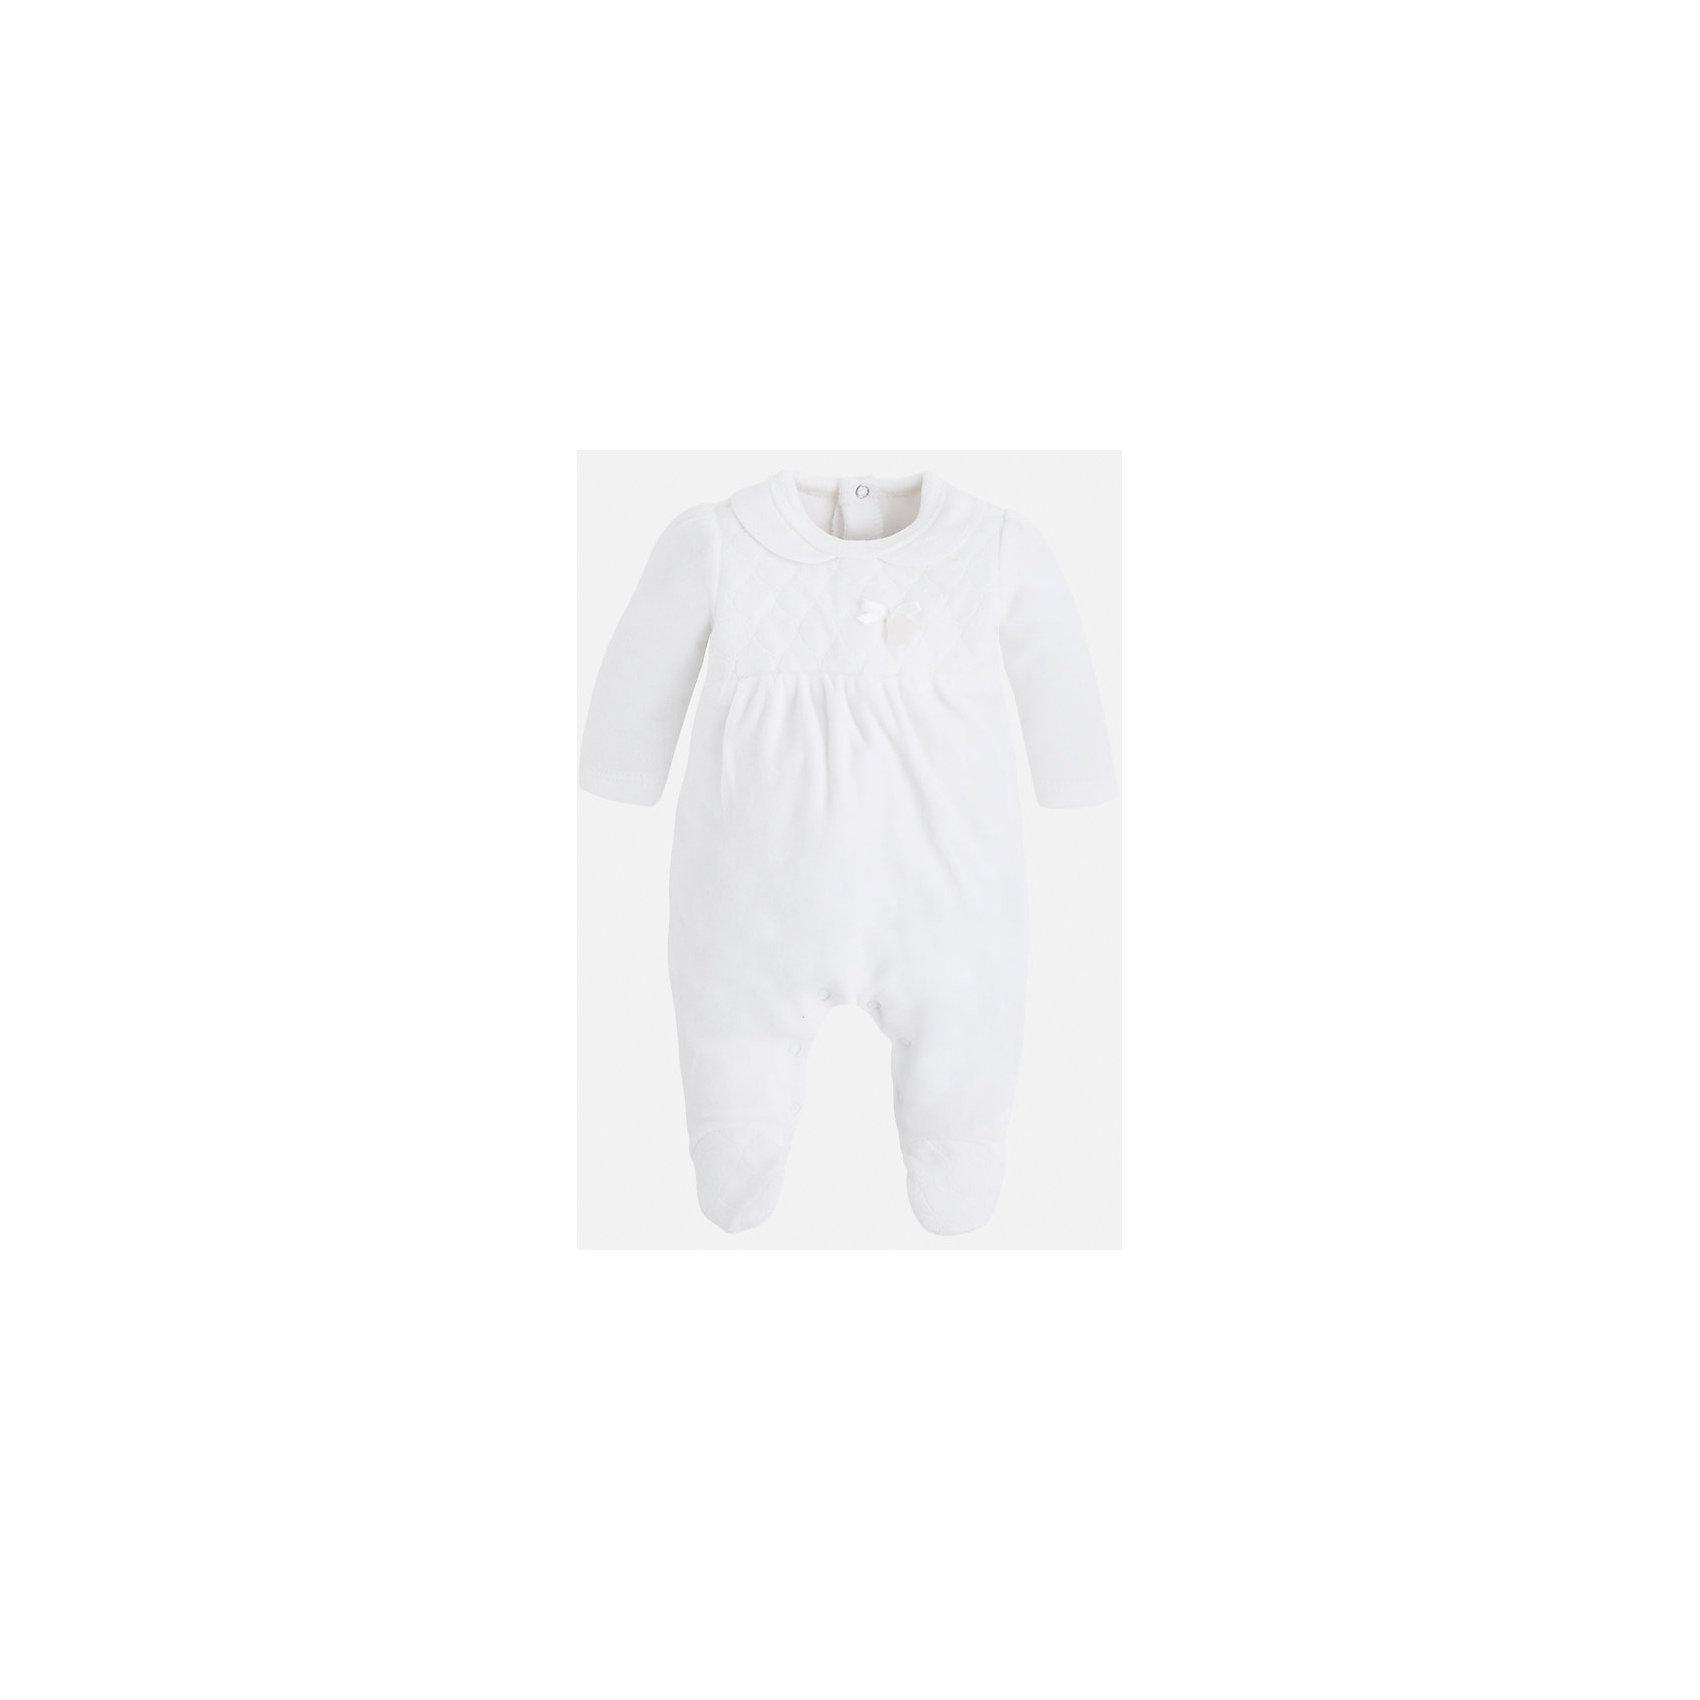 Пижама для девочки MayoralНаборы одежды, конверты на выписку<br>Пижама для девочки Mayoral подарит вашей малышке яркие и добрые сны. Модель в виде комбинезона, застегивающегося на кнопки. Пижама выполнена из высококачественного приятного к телу материала, декорирована отстрочкой на груди и атласным бантиком с пластиковым цветком. <br><br>Дополнительная информация:<br><br>- Мягкий, приятный на ощупь материал. <br>- Небольшой отложной воротник.<br>- Застегивается на кнопки (на спине и между ног).<br>- Отстрочка на груди.<br>- Небольшой атласный бантик с подвеской в виде цветочка. <br>Состав: <br>- верх - 80% хлопок, 29% полиэстер; подкладка - 100% хлопок. <br><br>Пижаму для девочки Mayoral (Майорал), белую, можно купить в нашем магазине.<br><br>Ширина мм: 281<br>Глубина мм: 70<br>Высота мм: 188<br>Вес г: 295<br>Цвет: бежевый<br>Возраст от месяцев: 3<br>Возраст до месяцев: 6<br>Пол: Женский<br>Возраст: Детский<br>Размер: 68,62,56,50<br>SKU: 4846124